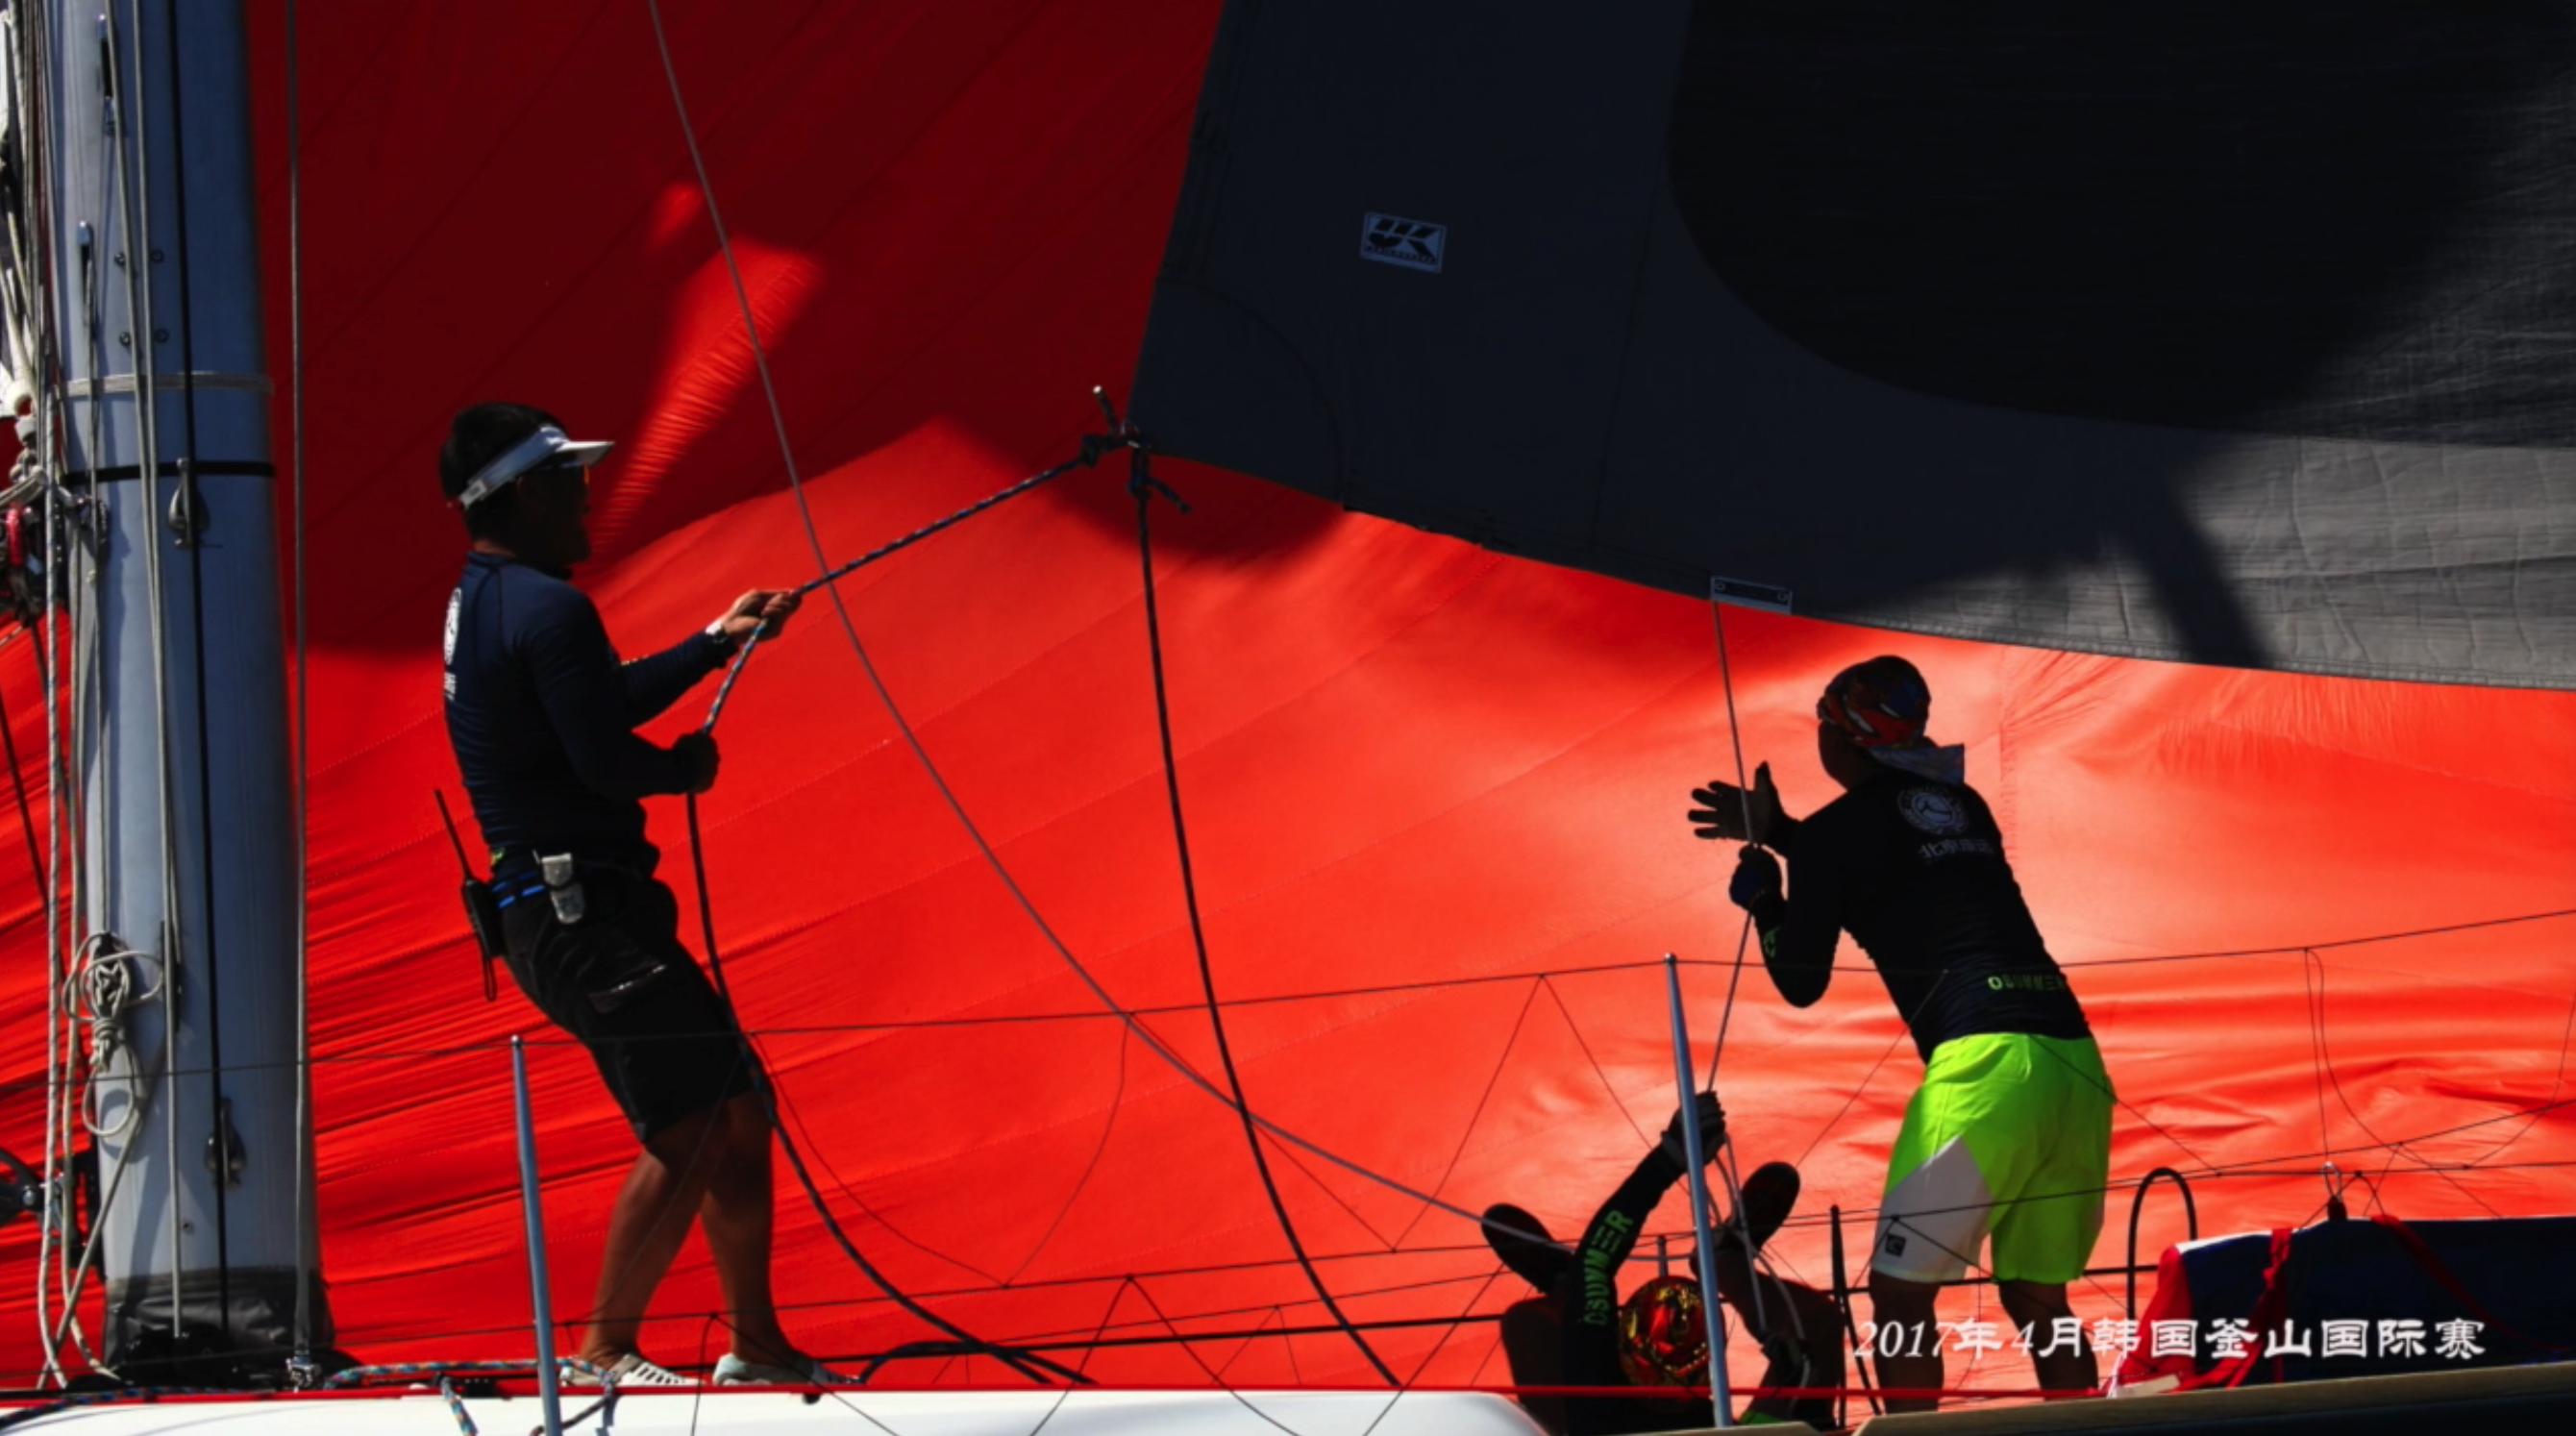 帆与船SAILING《邵先利摄影》专辑之一